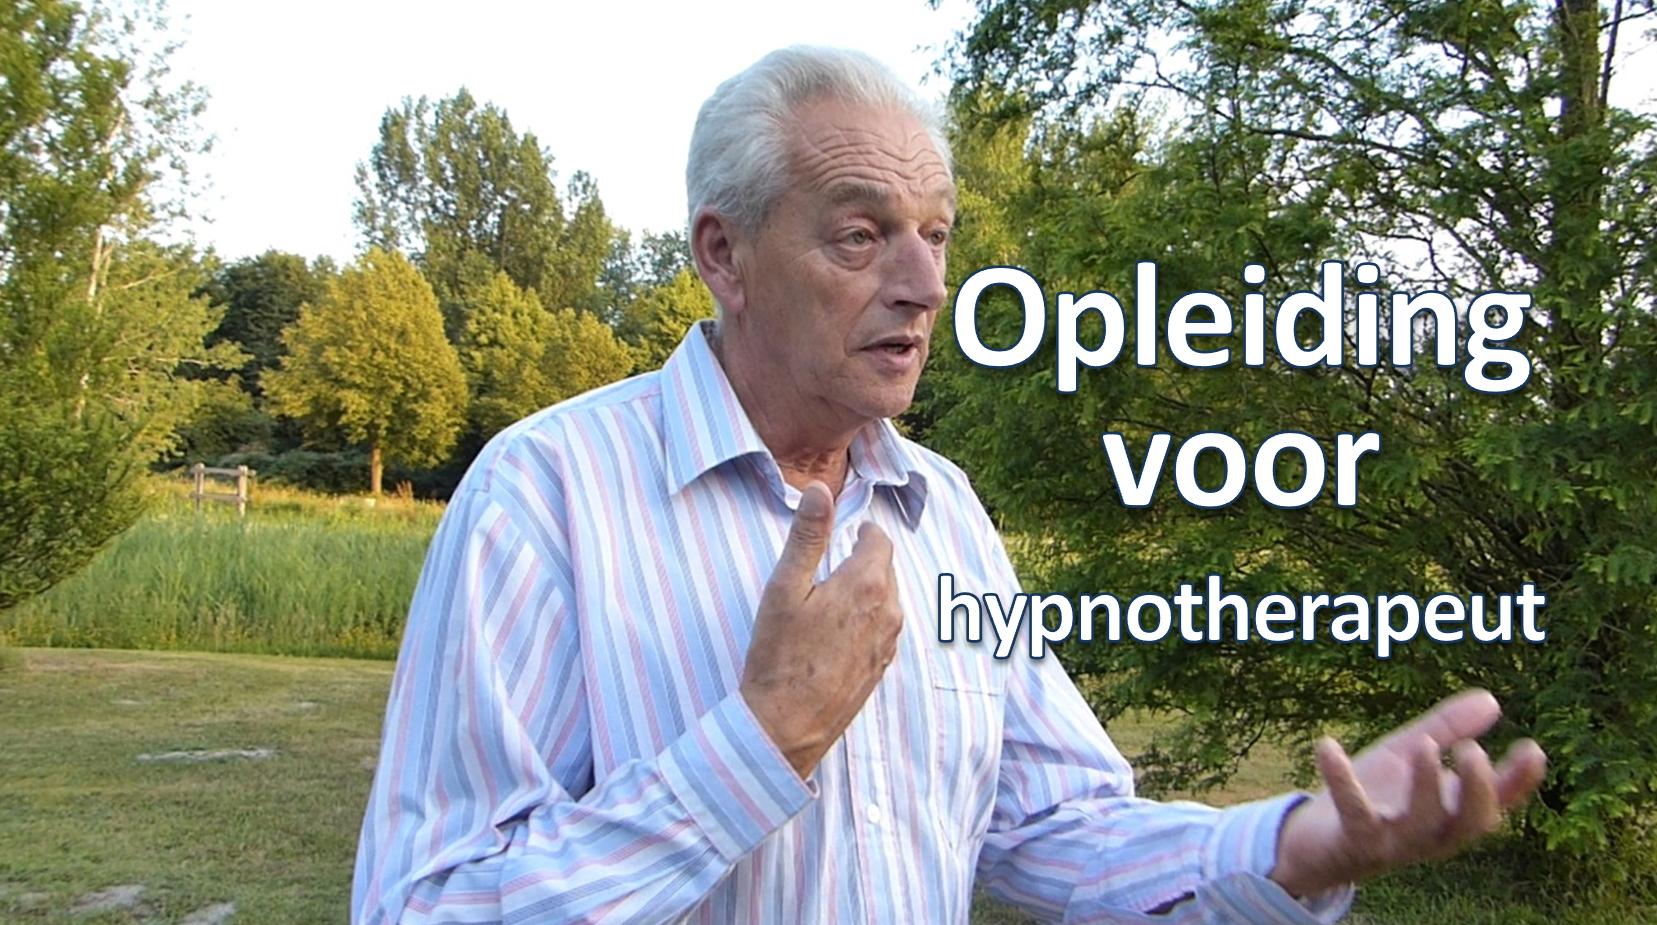 Opleiding voor hypnotherapeut